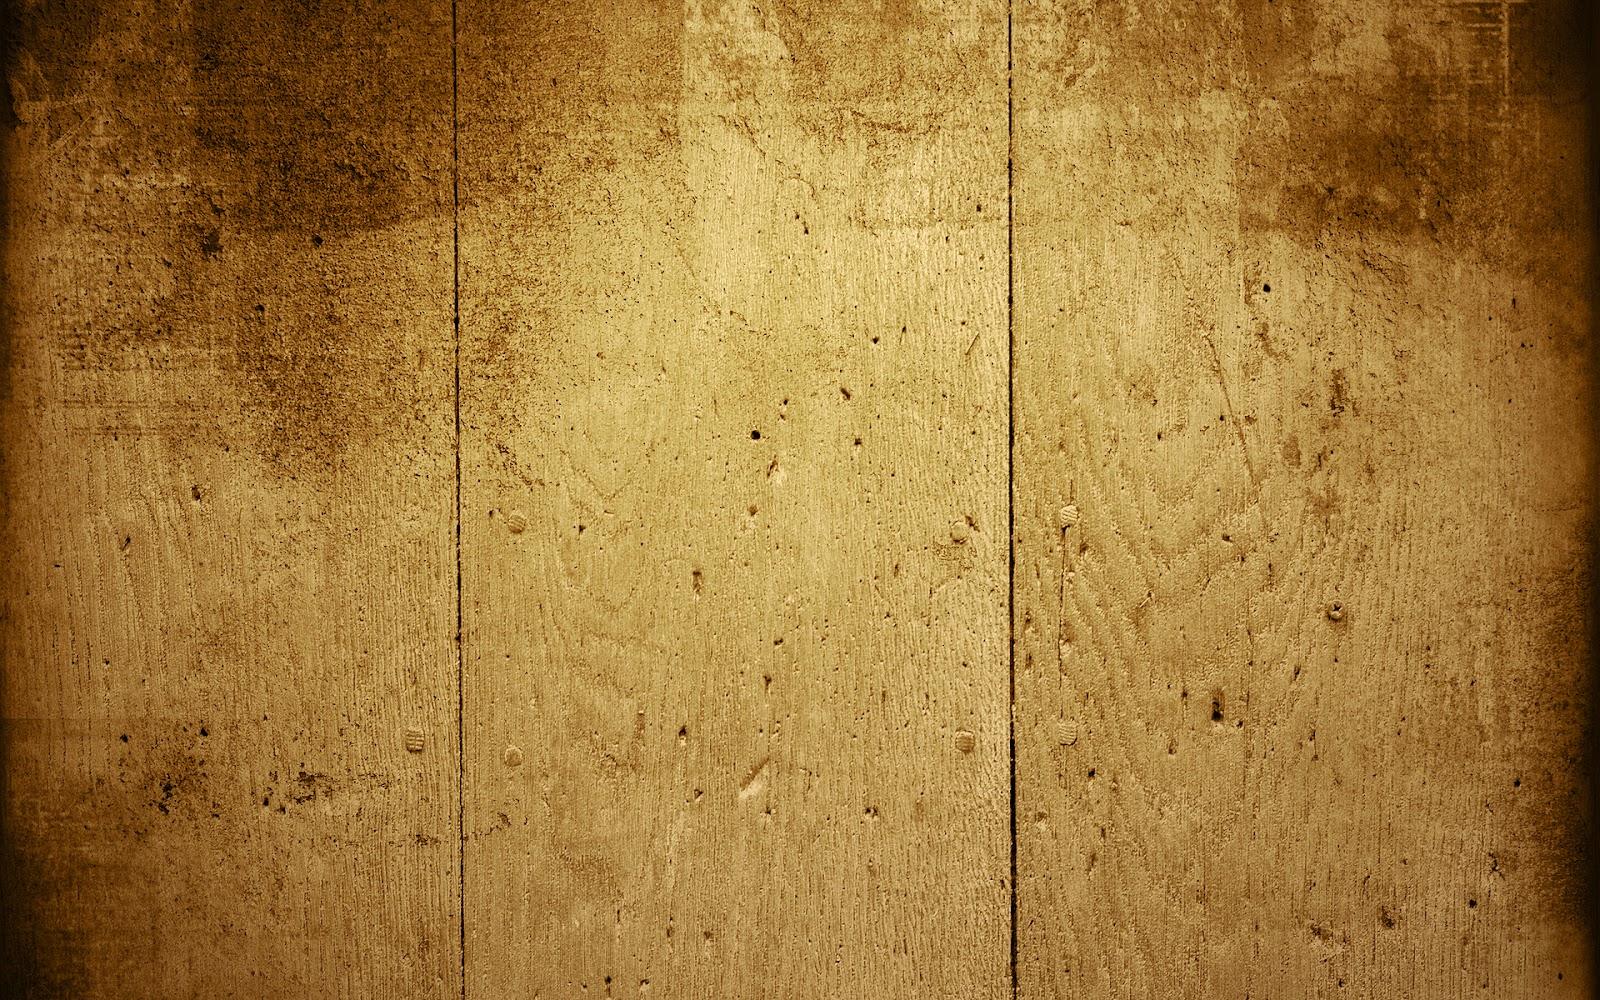 houten achtergronden hd - photo #23